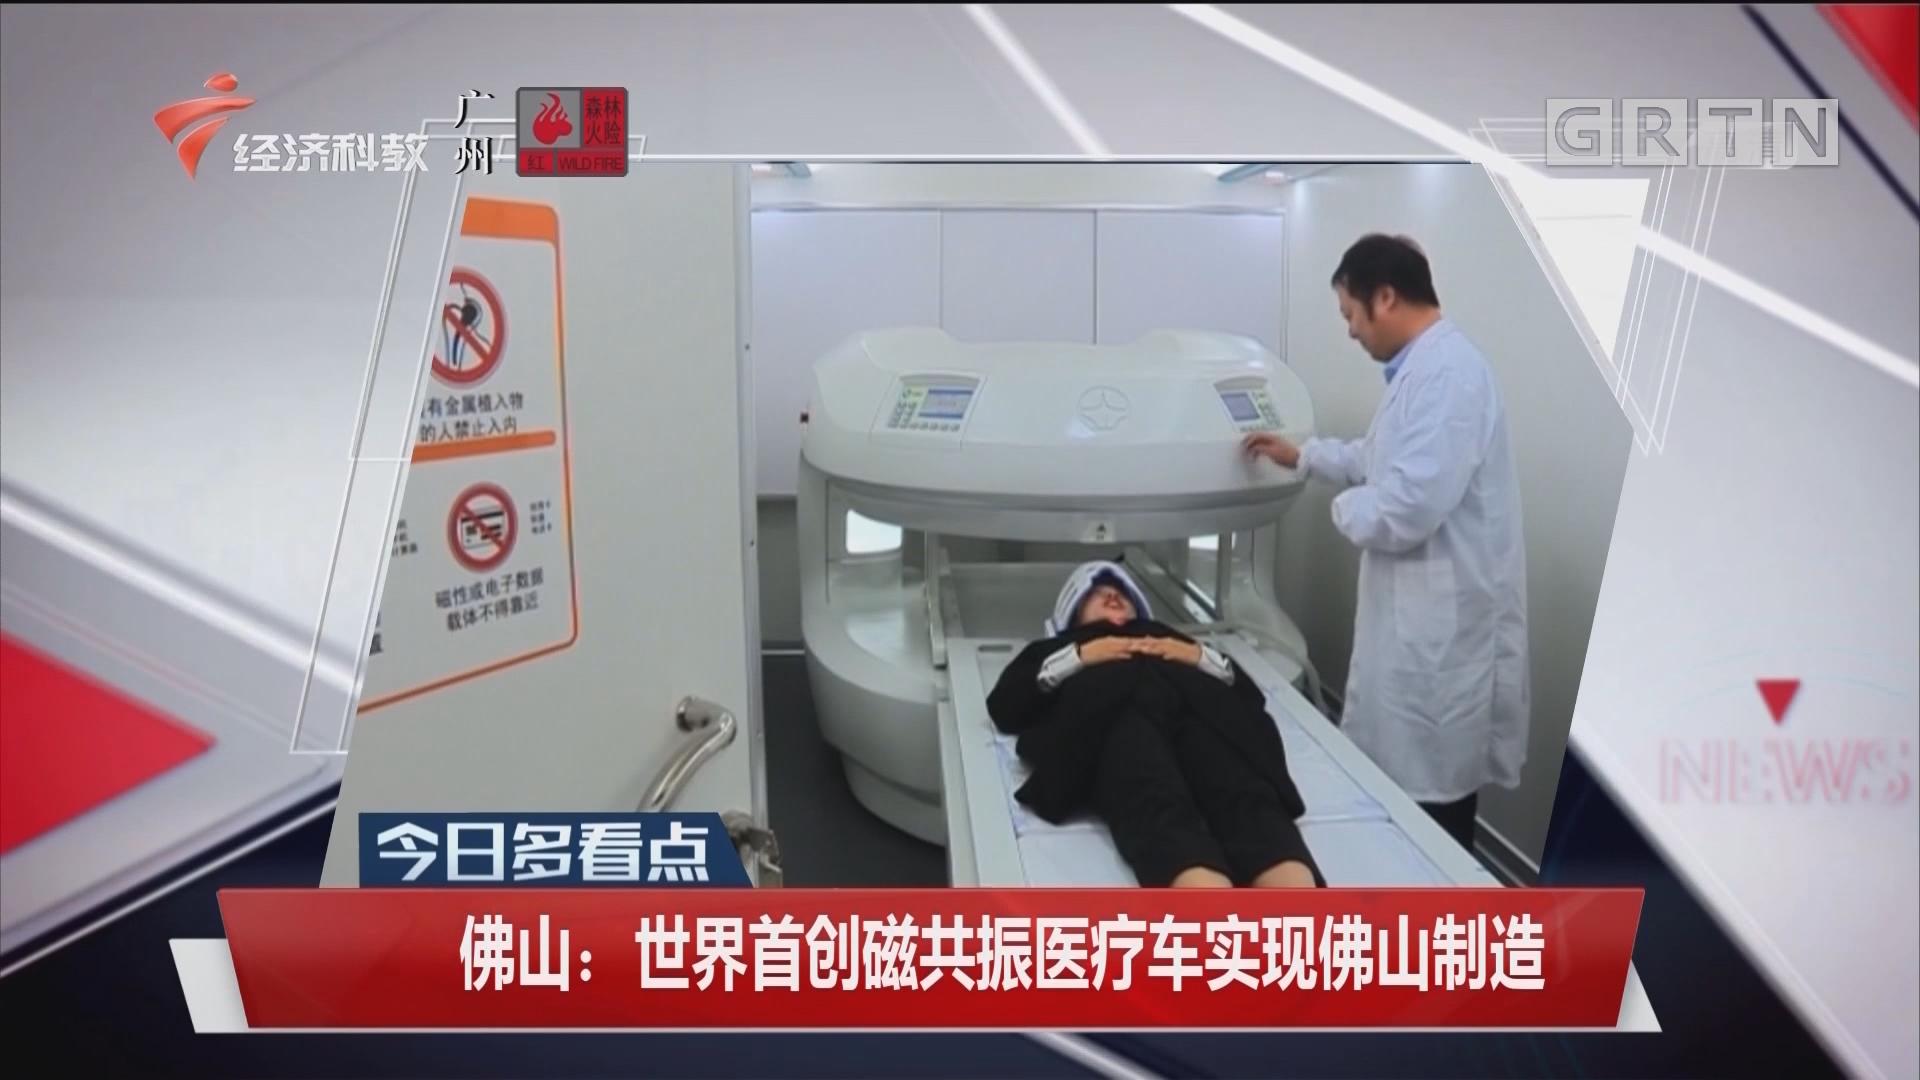 佛山:世界首创磁共振医疗车实现佛山制造